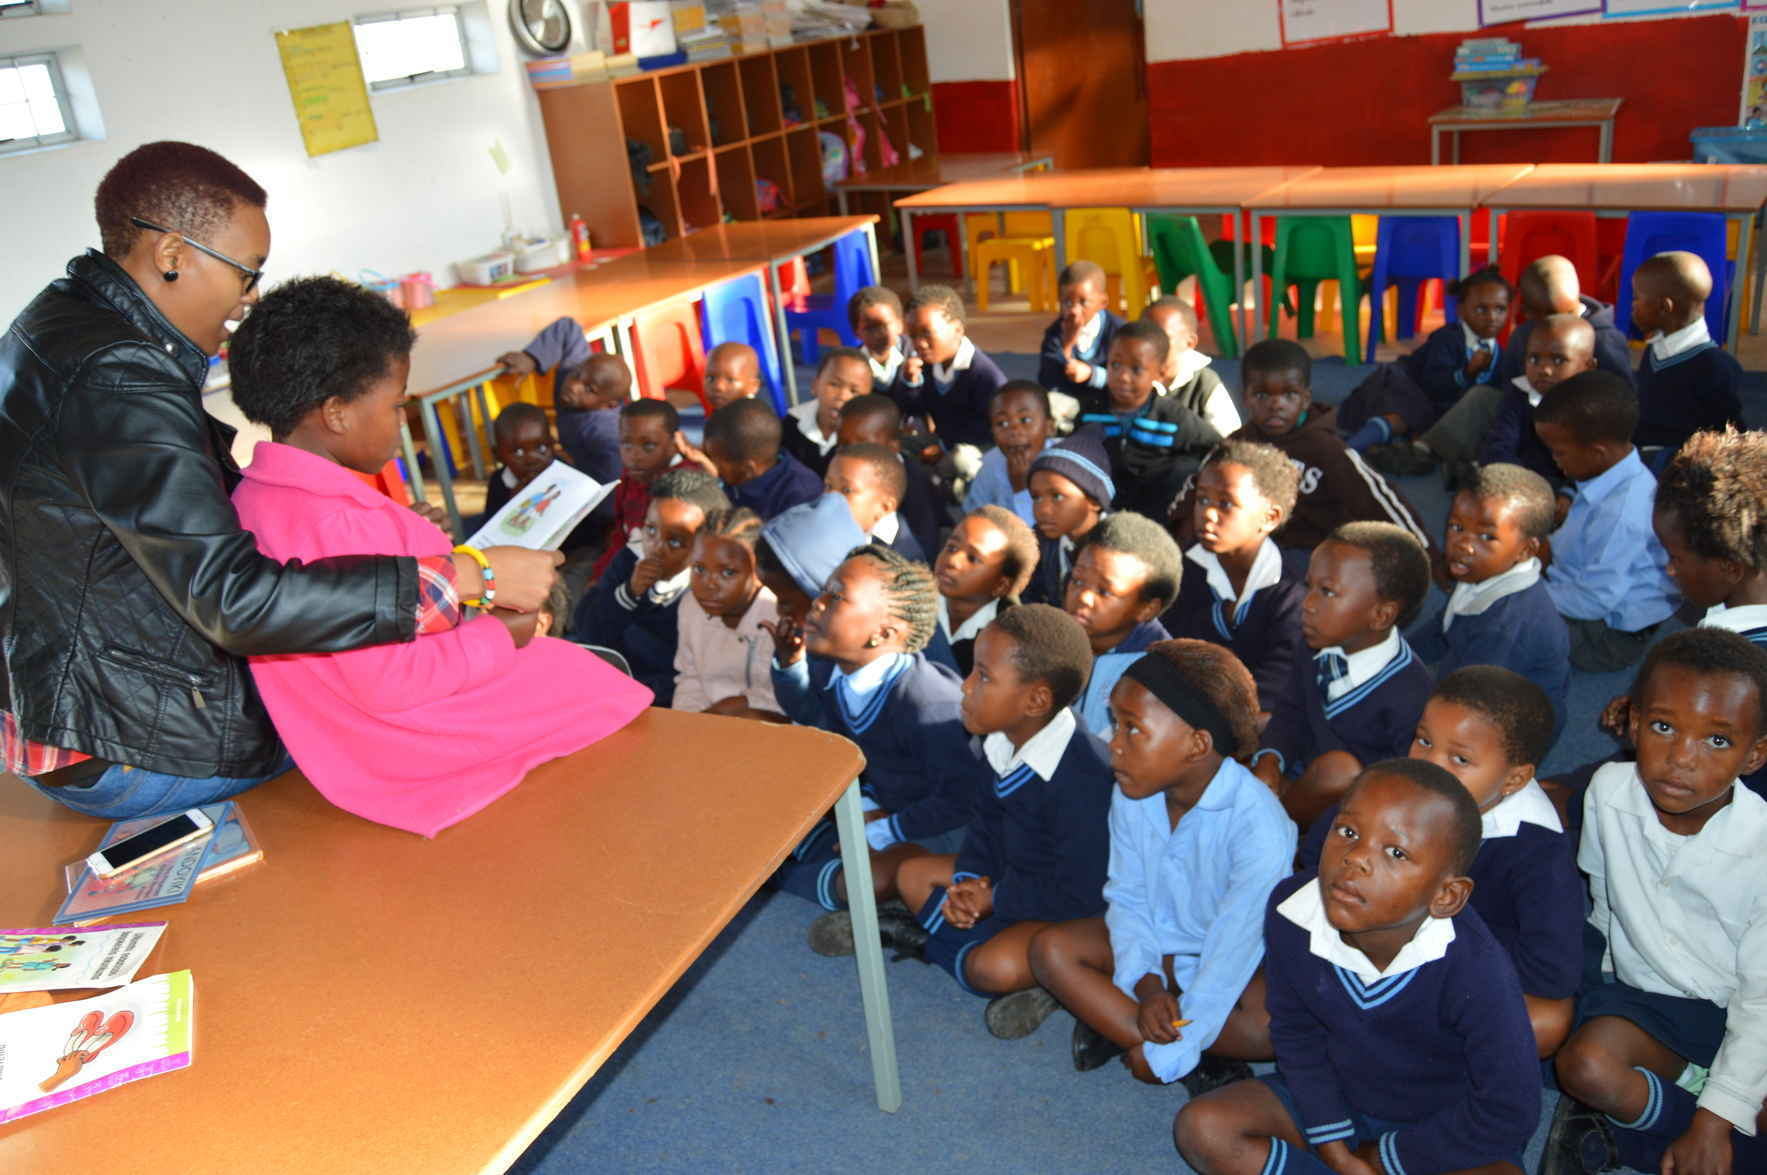 Nelson Mandela Institute for Rural Education image